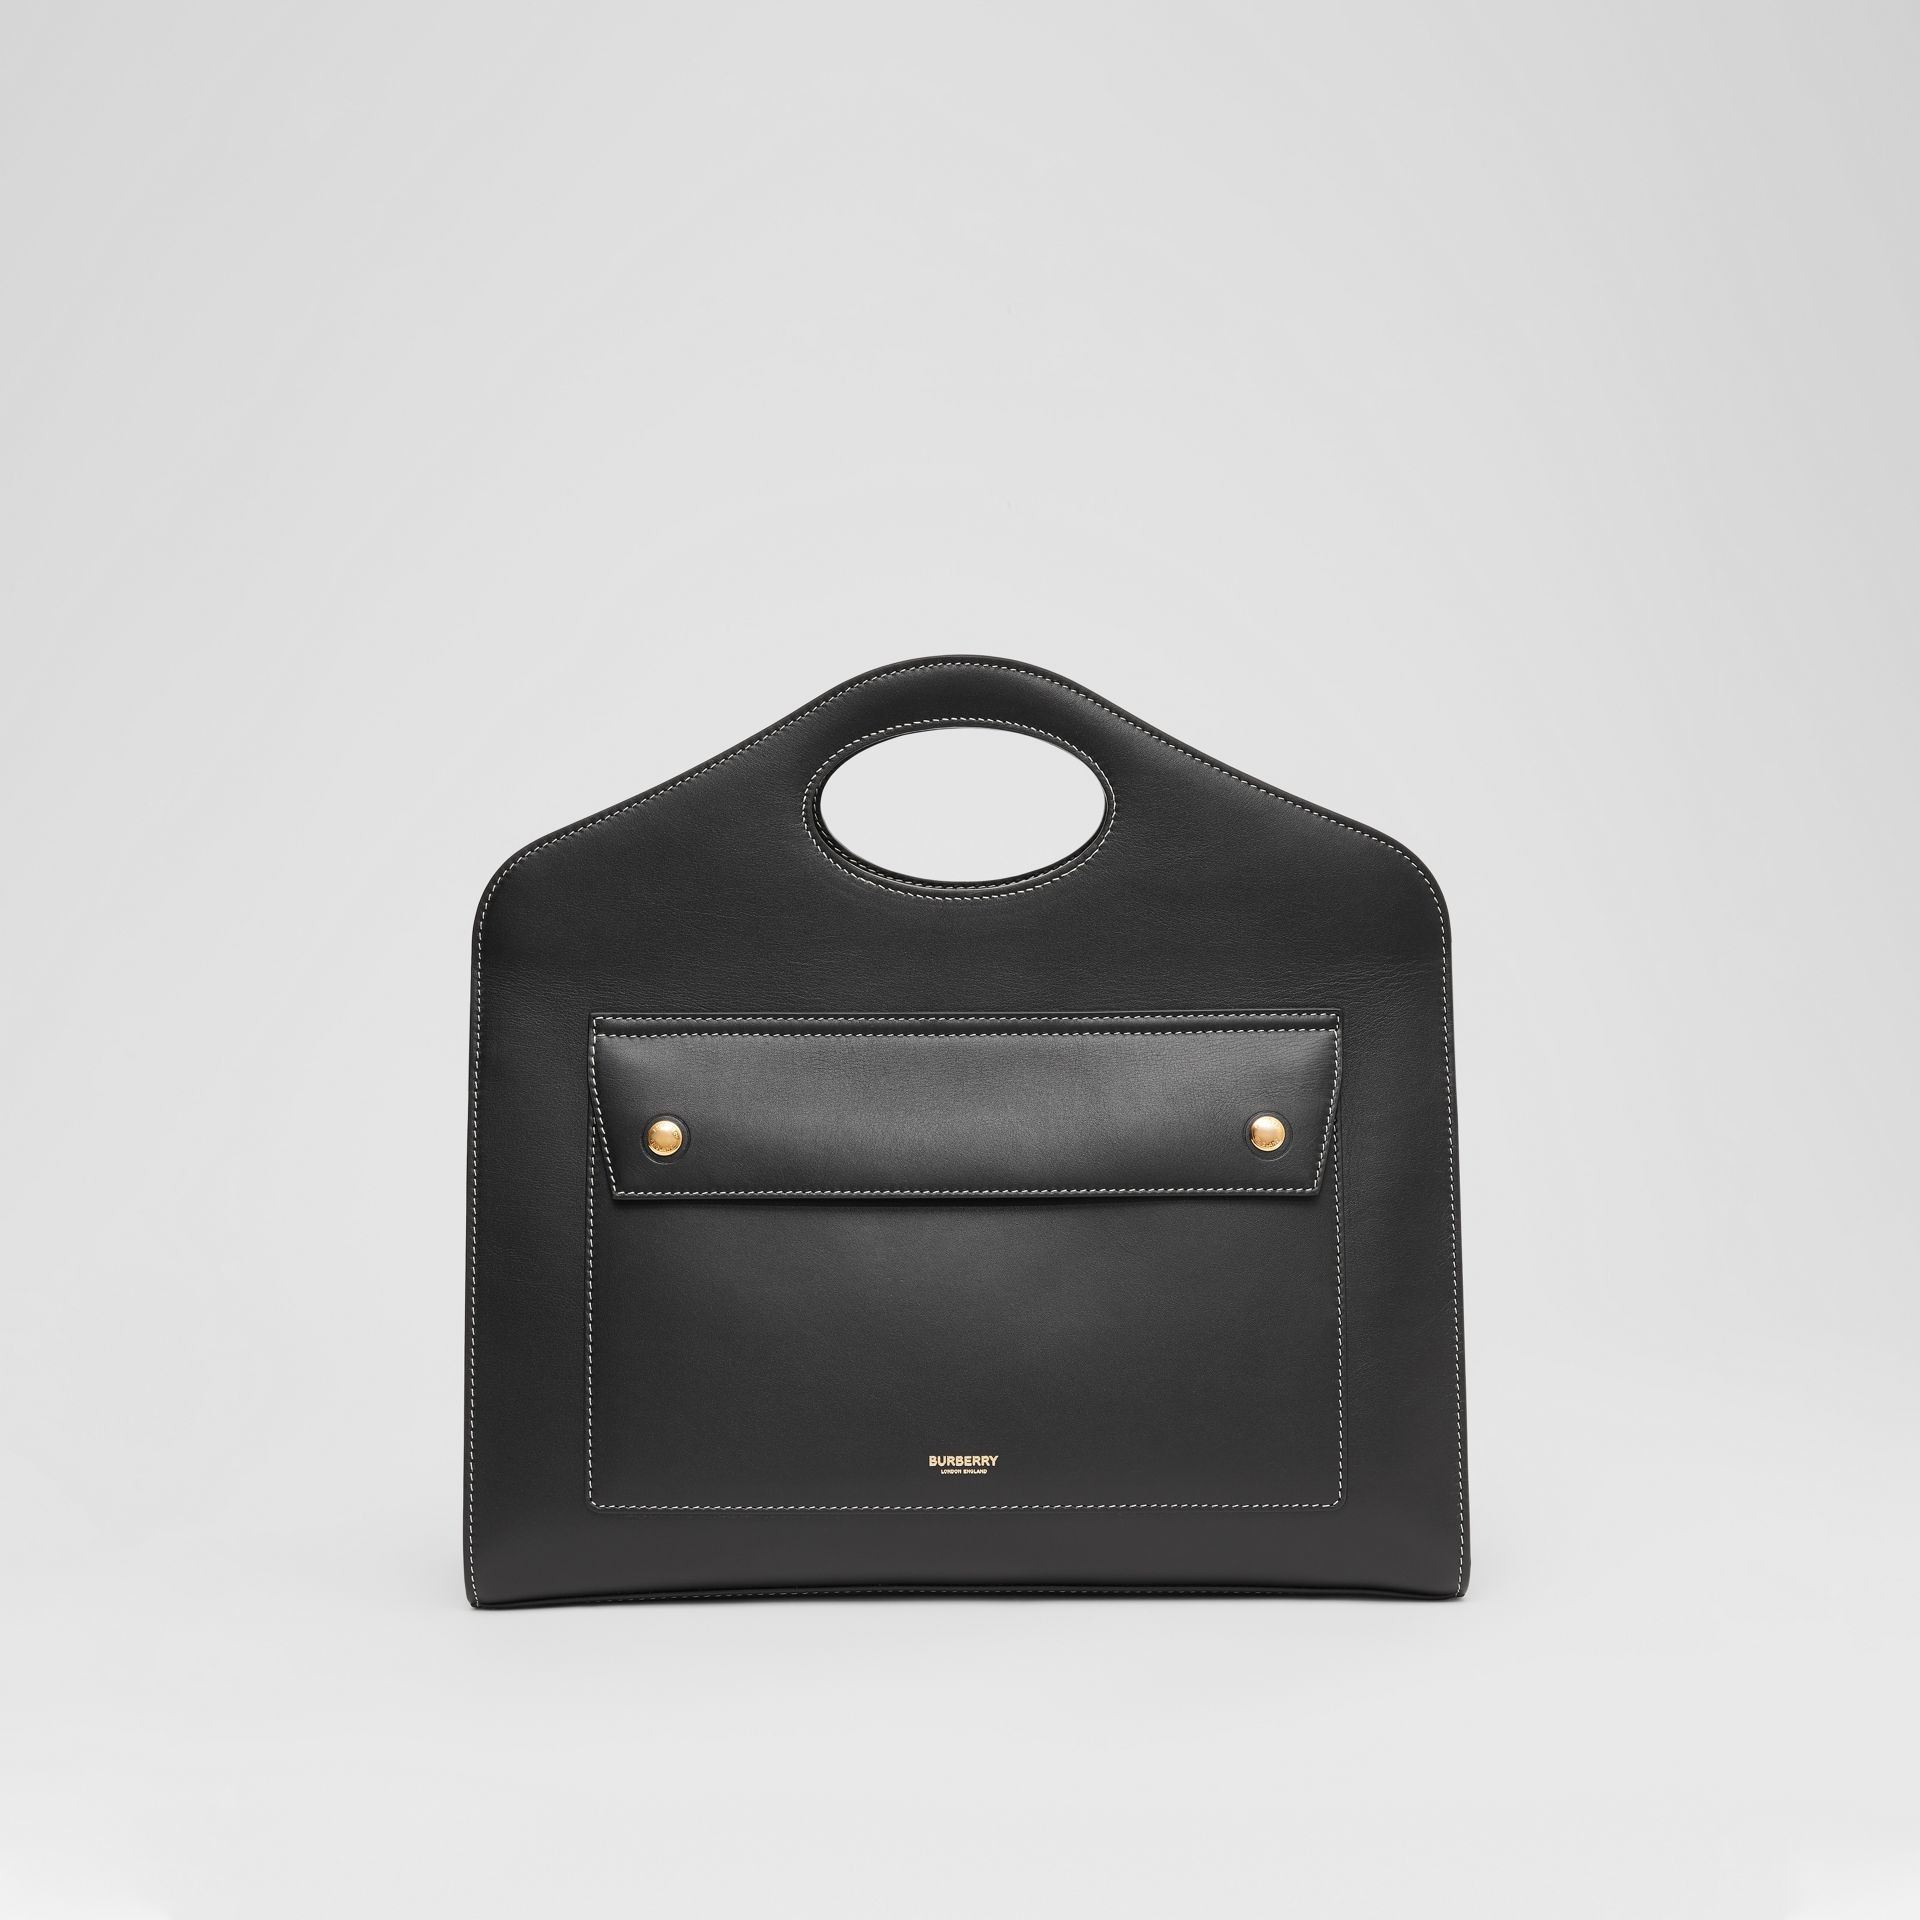 Mittelgroße Leder-Henkeltasche mit Steppnähten (Schwarz) - Damen | Burberry - Galerie-Bild 0